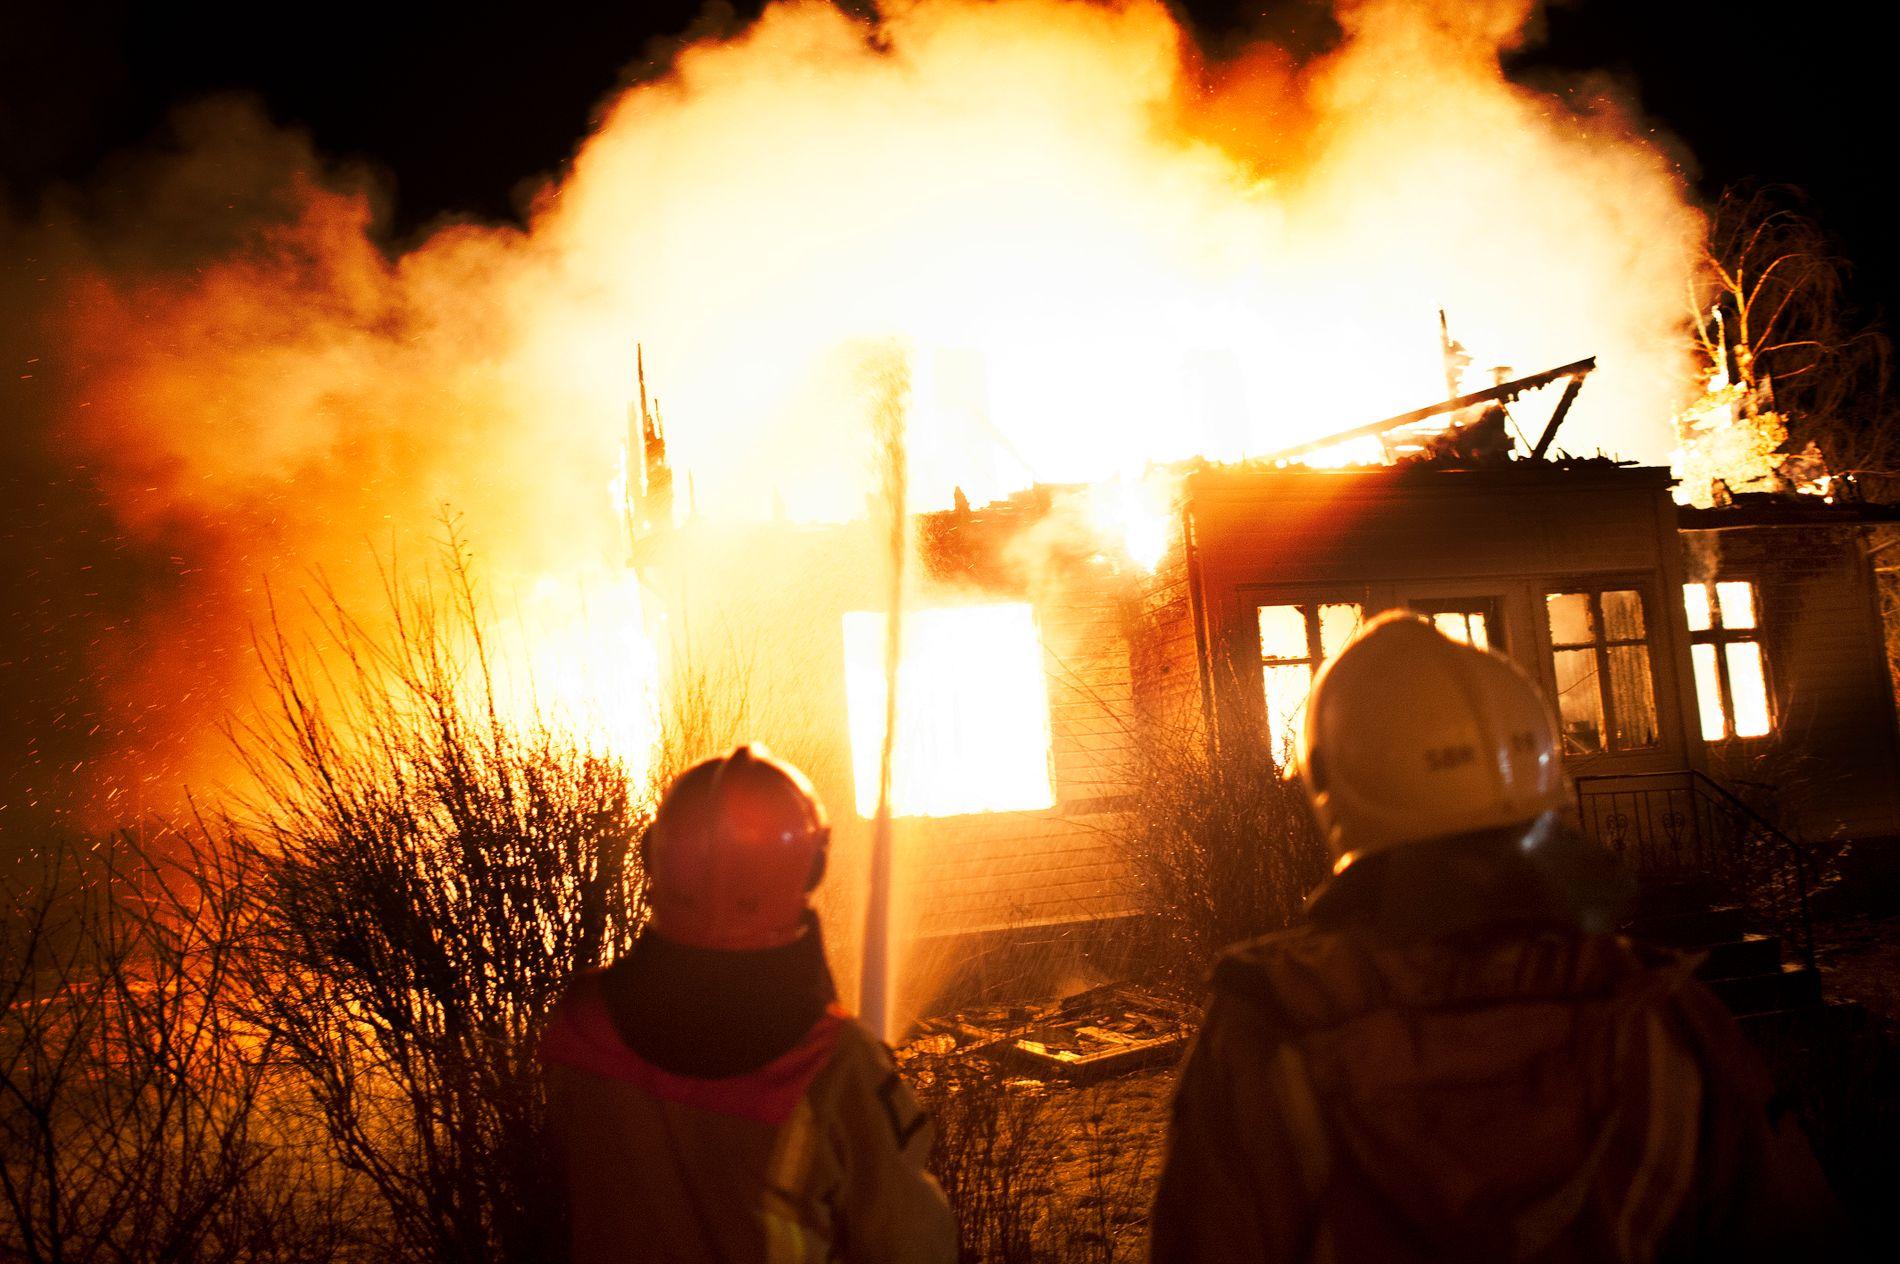 STORE KREFTER: Over 300 personer ble evakuert fra hjemmene sine under brannen i Lærdal natt til søndag. 23 bygninger skal være totalskadet. 16 av dem er bolighus. ALLE FOTO: ELIAS DAHLEN